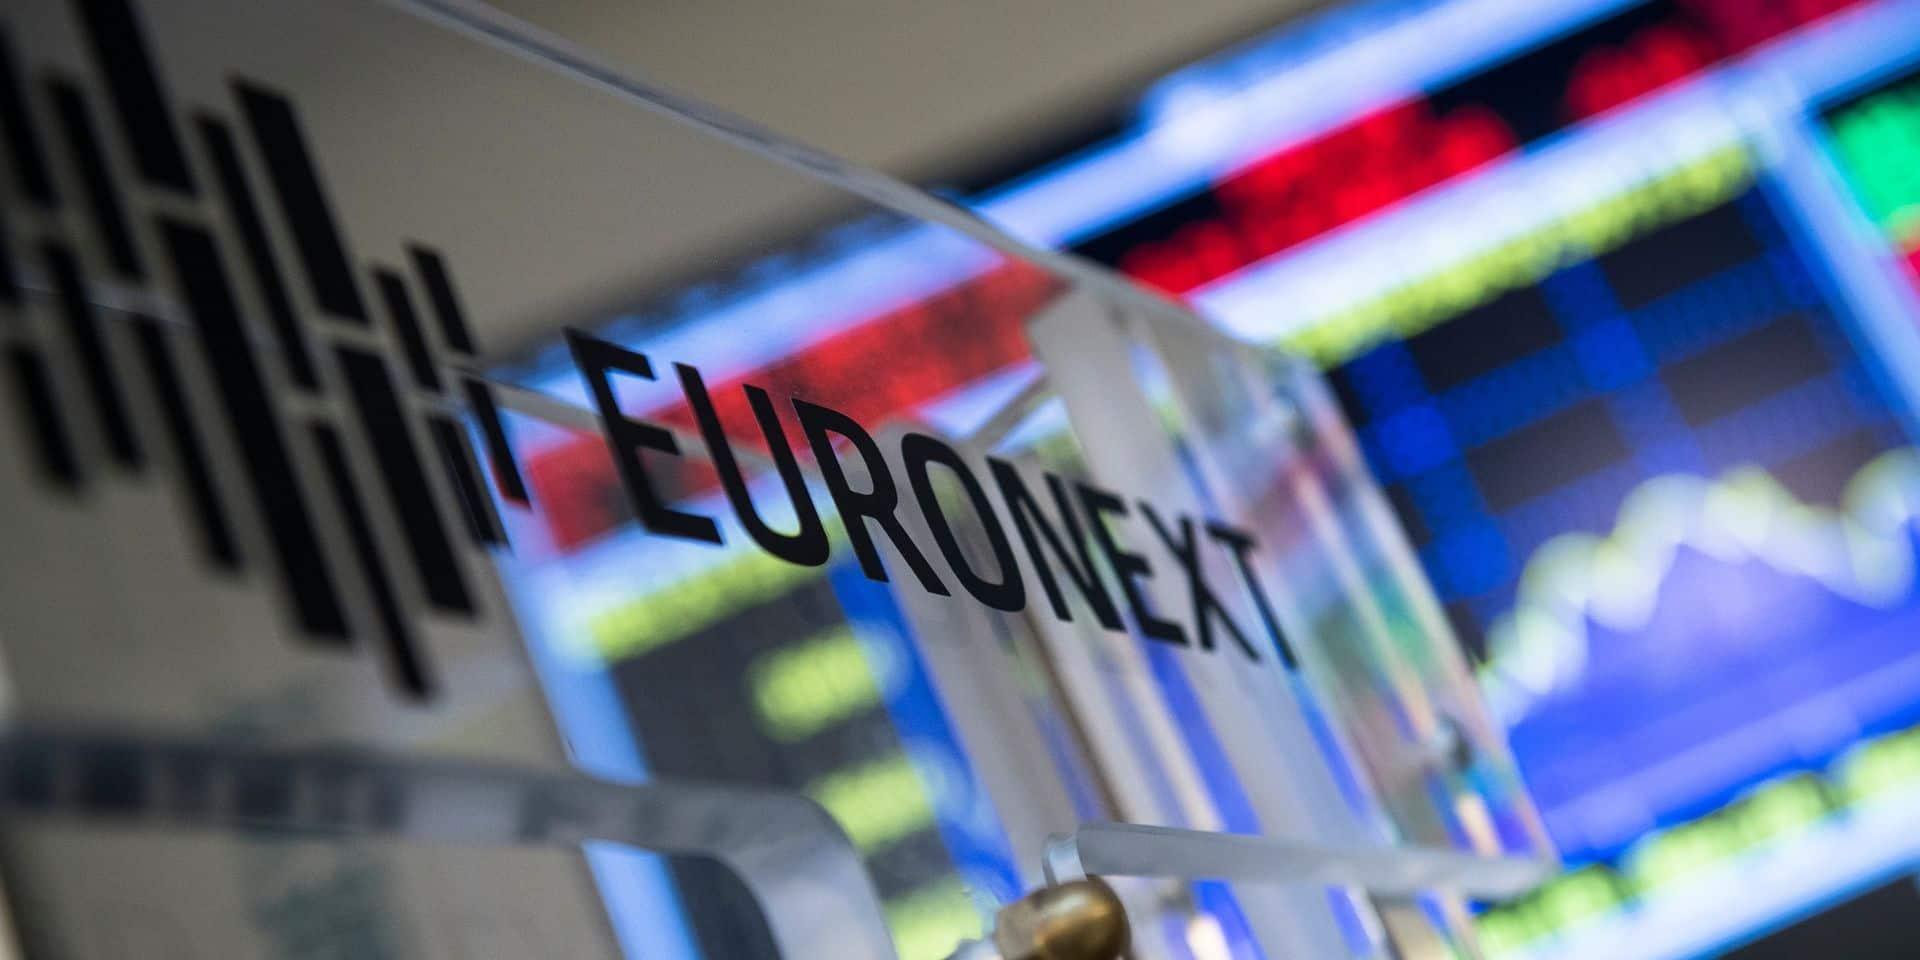 Les marchés européens finissent en hausse, rassurés par la reprise des négociations commerciales